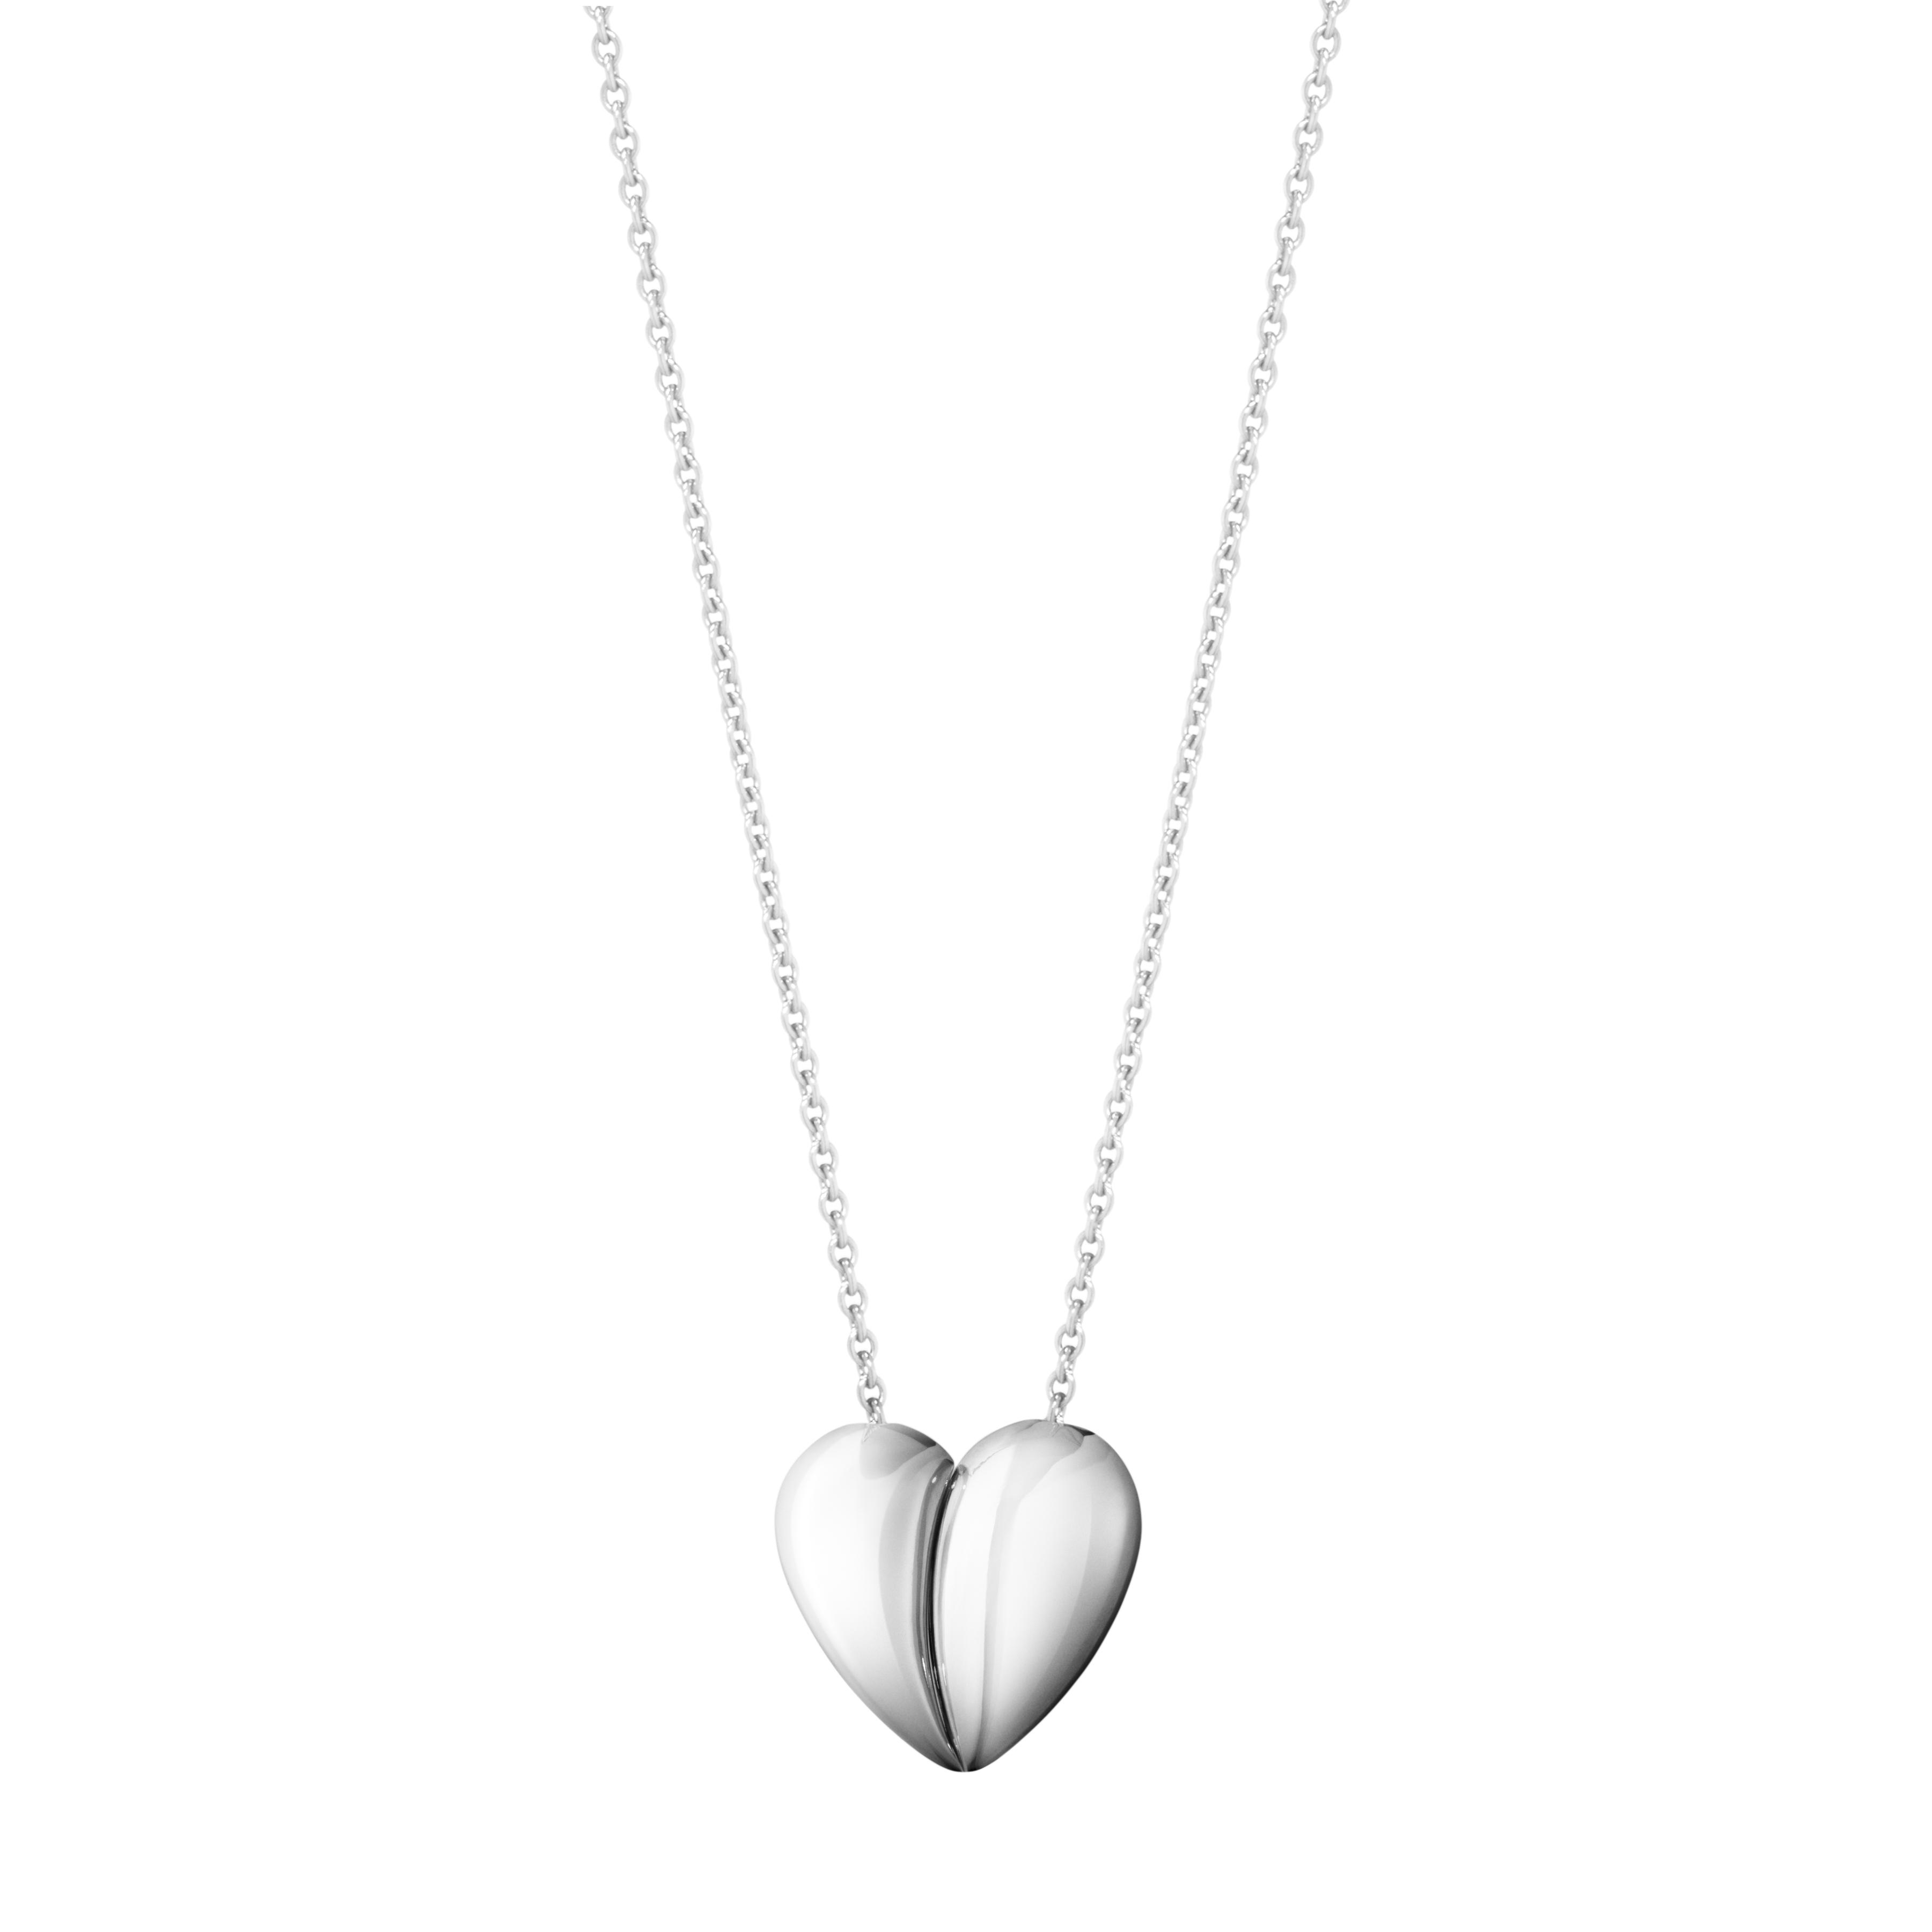 Image of Georg Jensen Curve Heart halskæde - 10017504